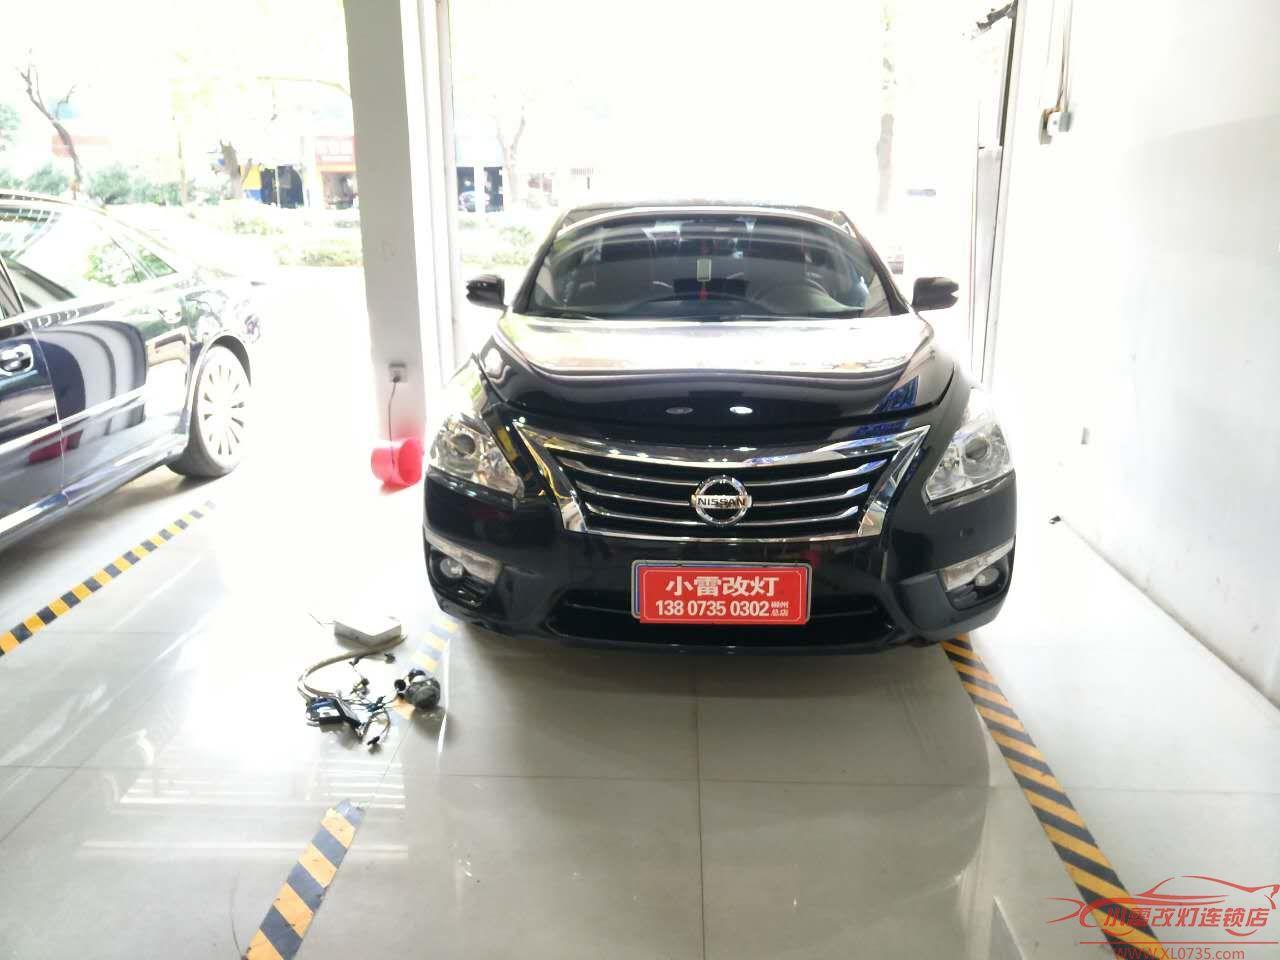 郴州小雷改灯 郴州日产天籁车灯升级海拉5透镜+泪眼作业。